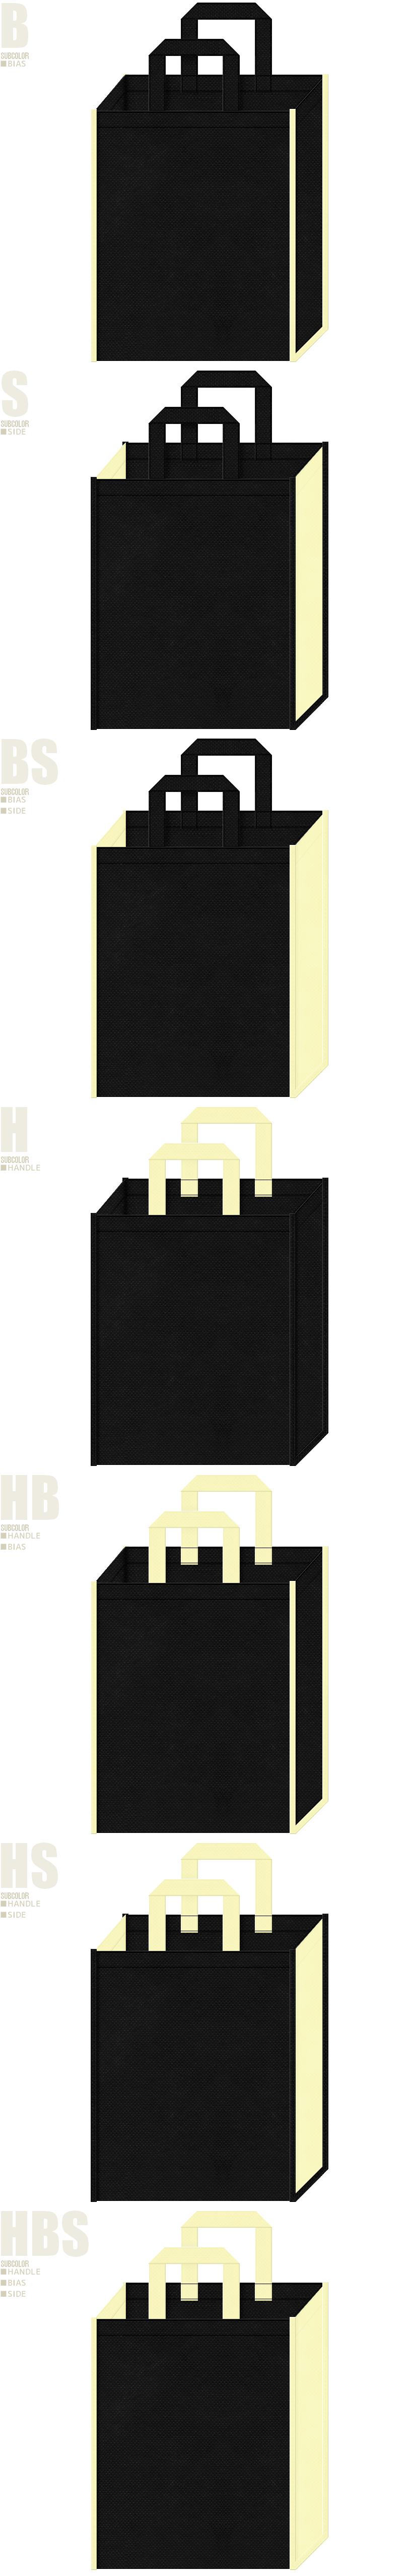 黒色と薄黄色、7パターンの不織布トートバッグ配色デザイン例。照明器具の展示会用バッグにお奨めです。